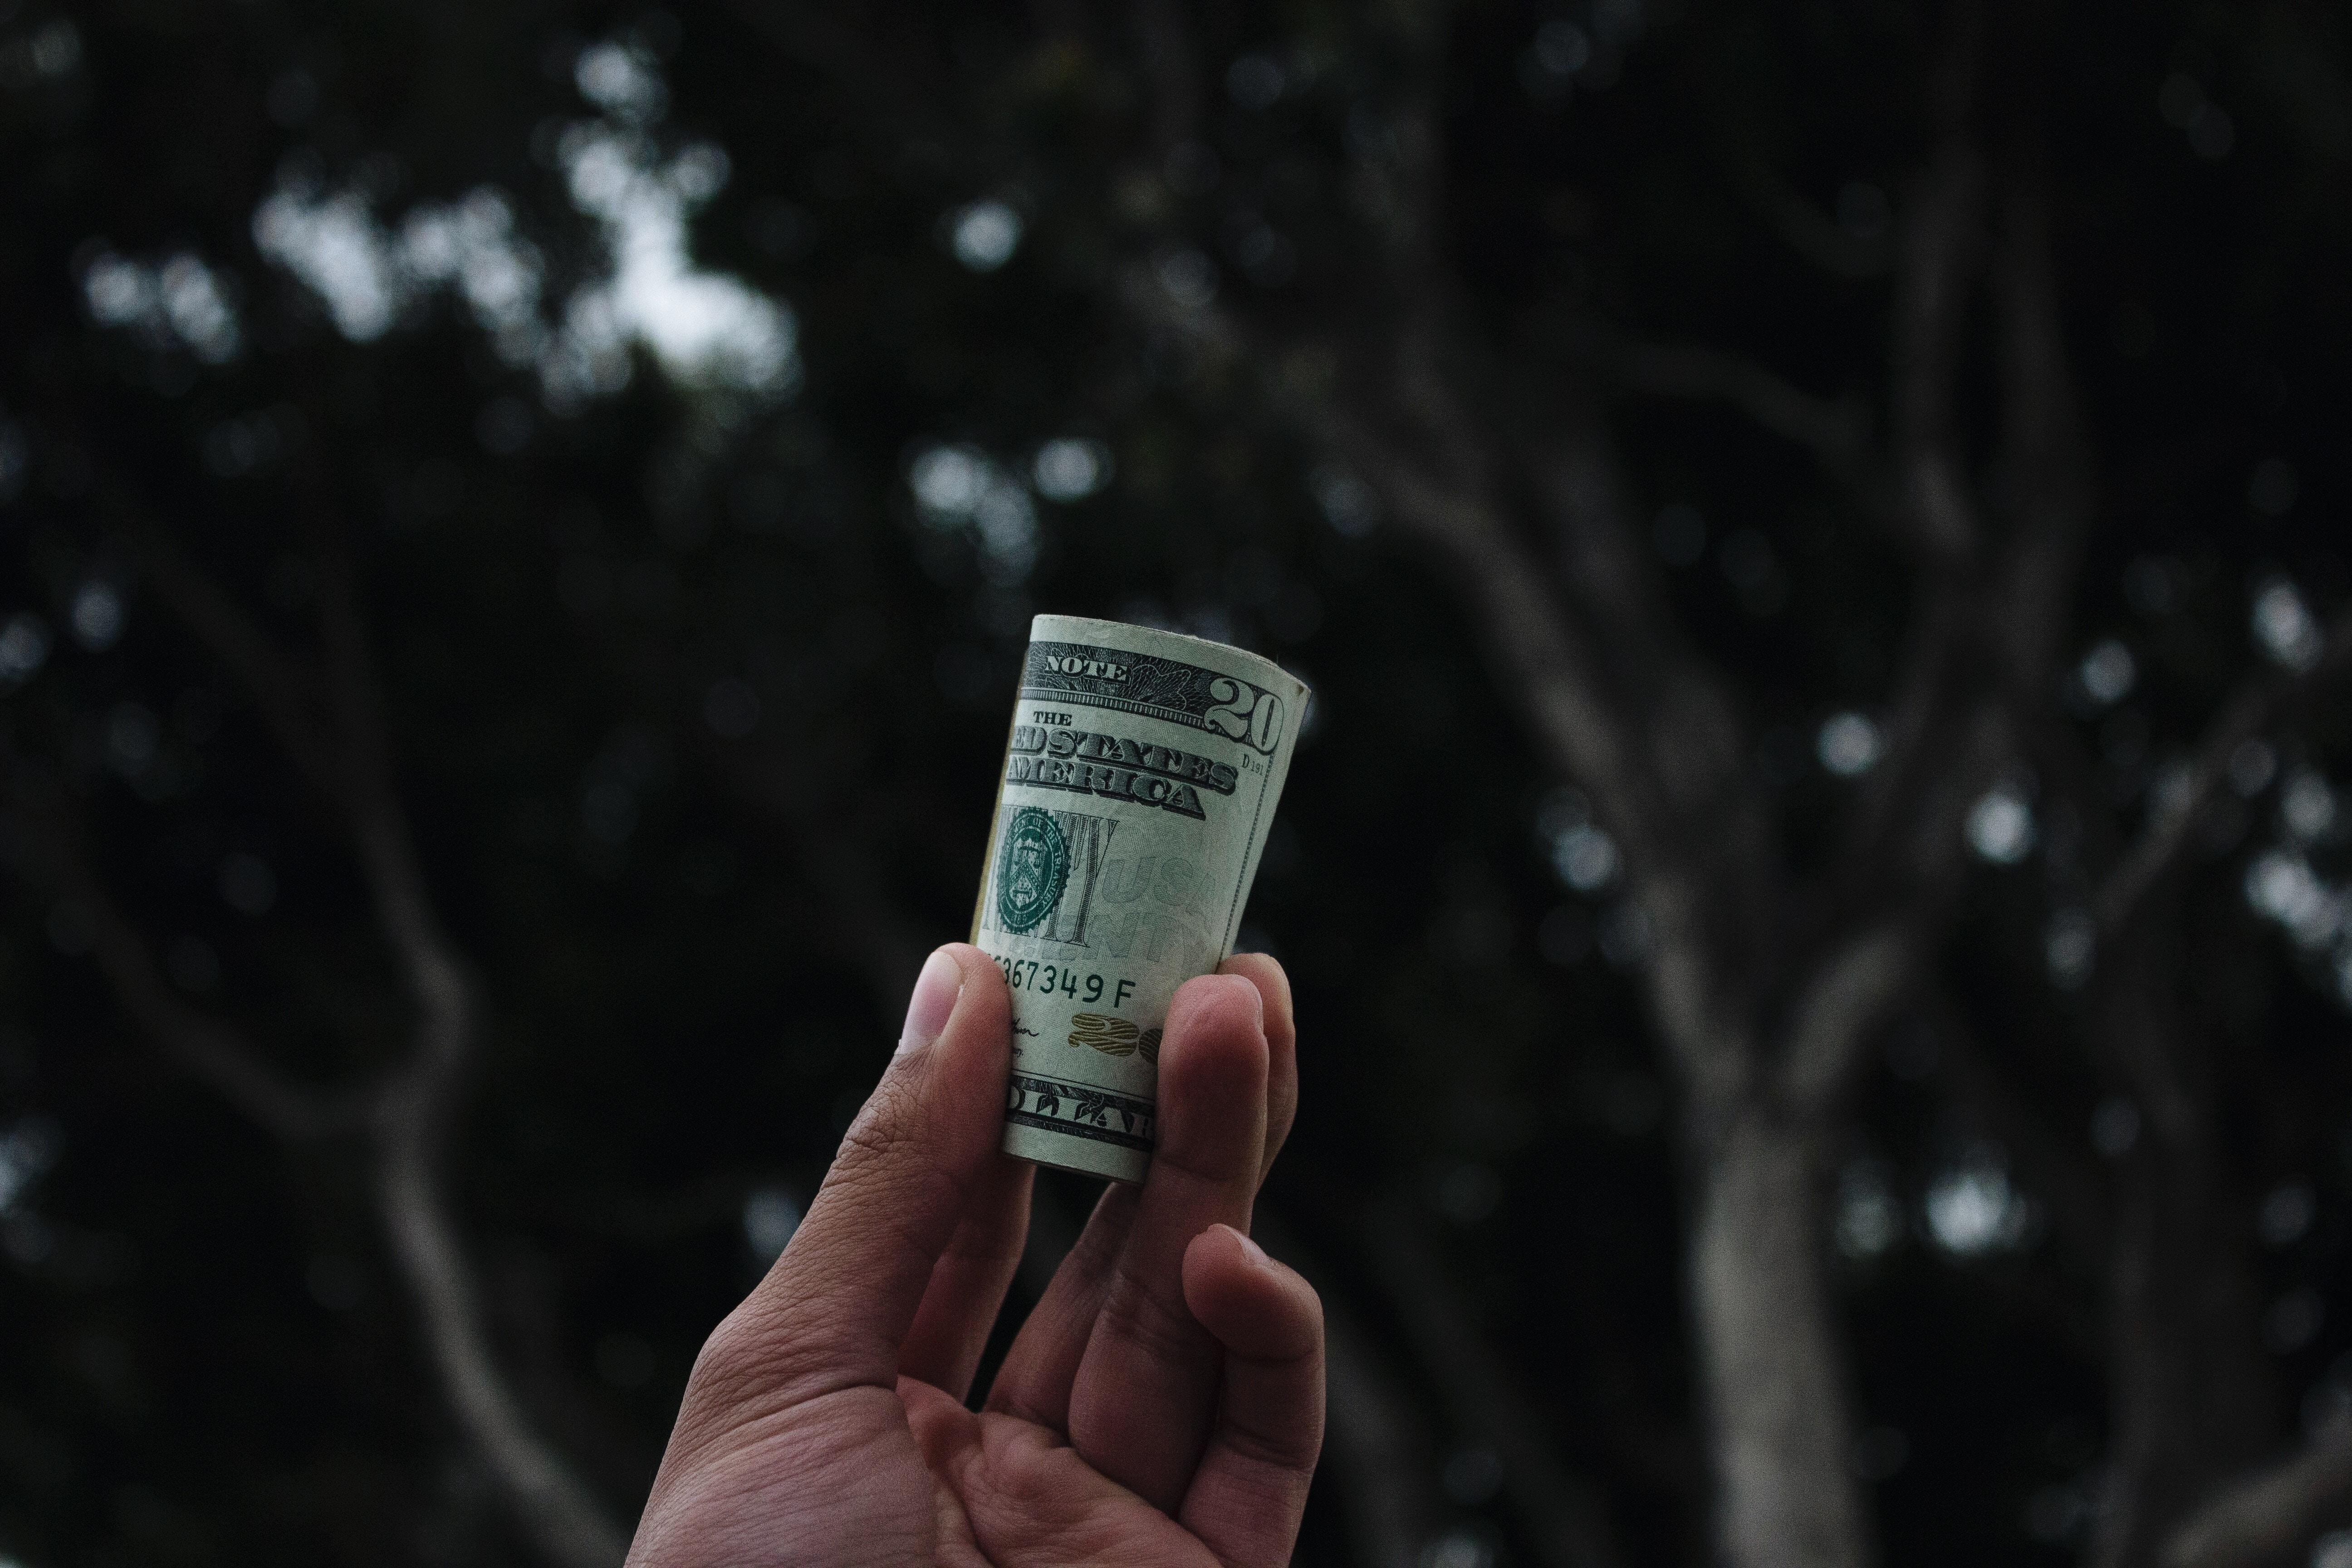 Prikrivanje financ vodi k nezaupanju.